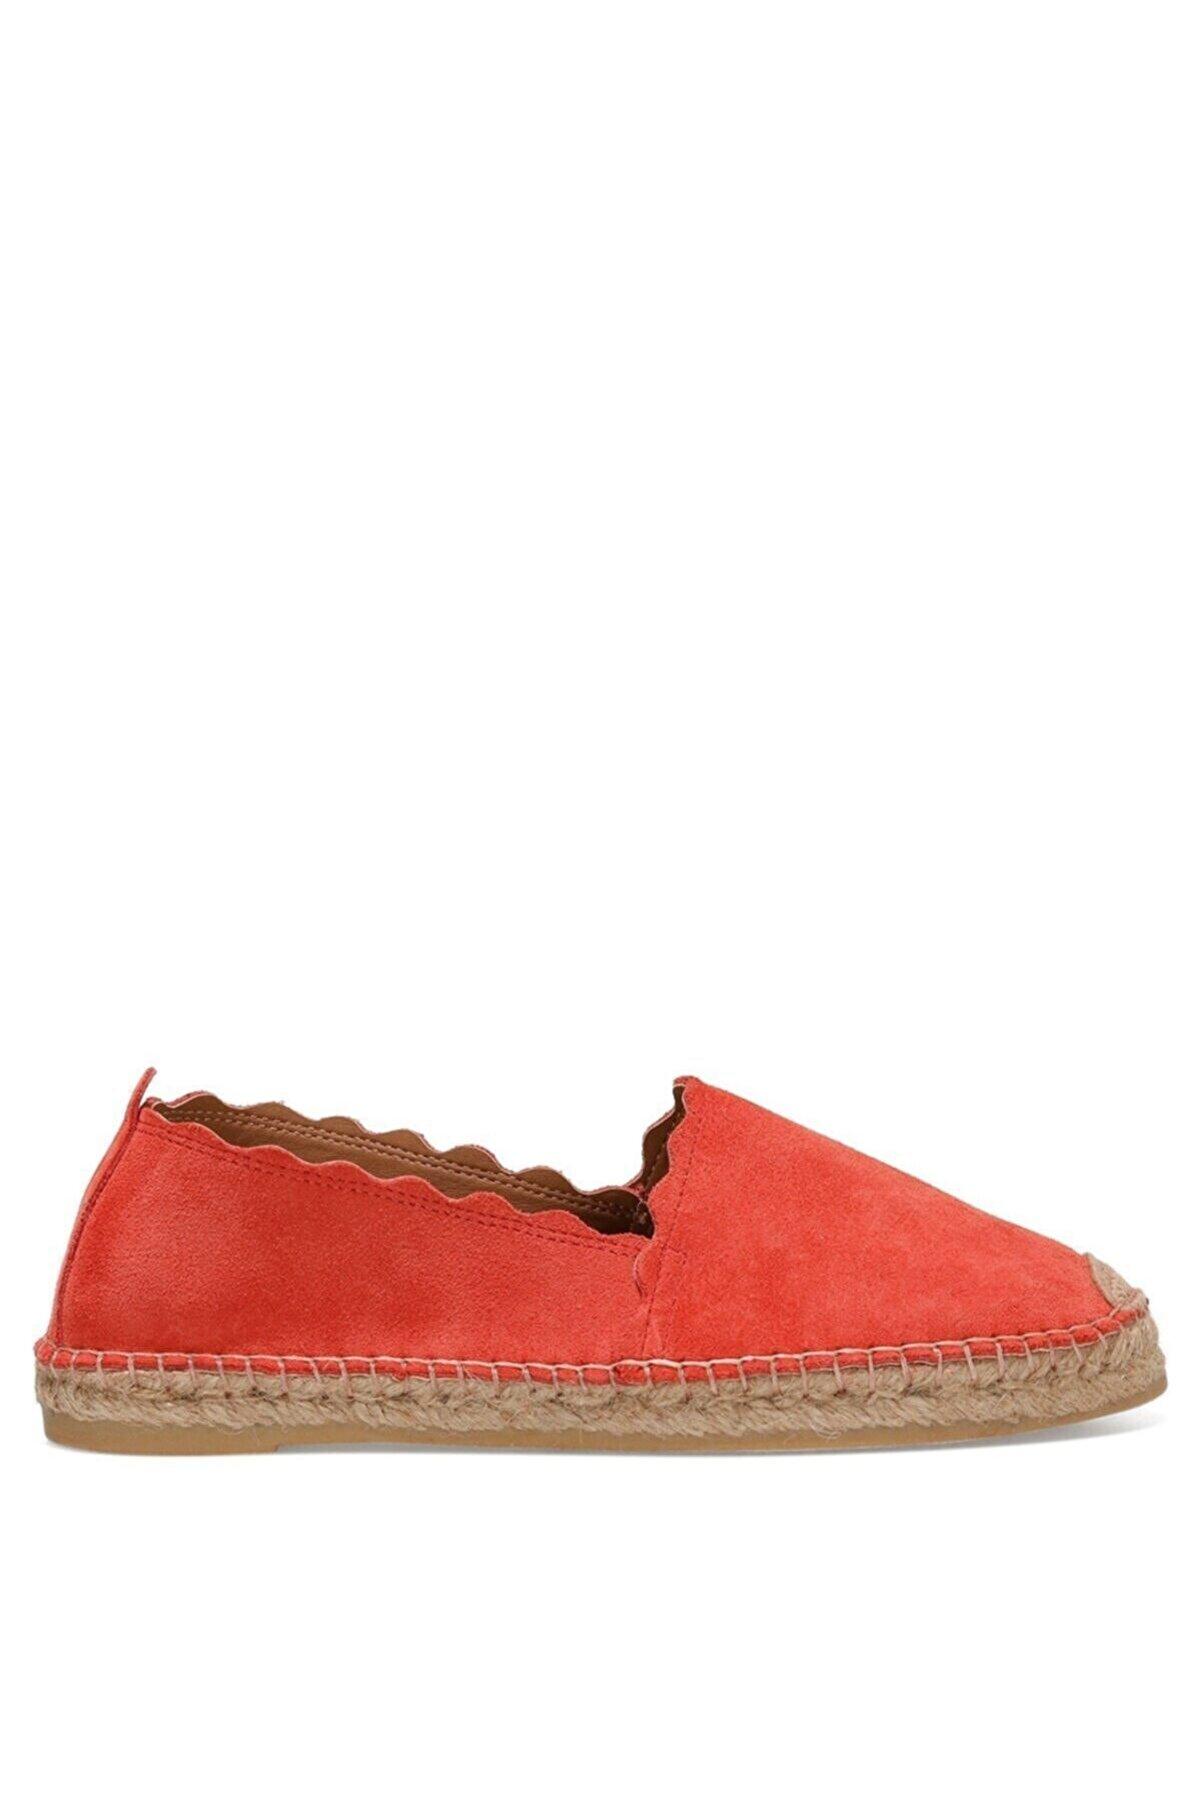 Nine West UNDERDAY 1FX Kırmızı Kadın Espadril Ayakkabı 101028215